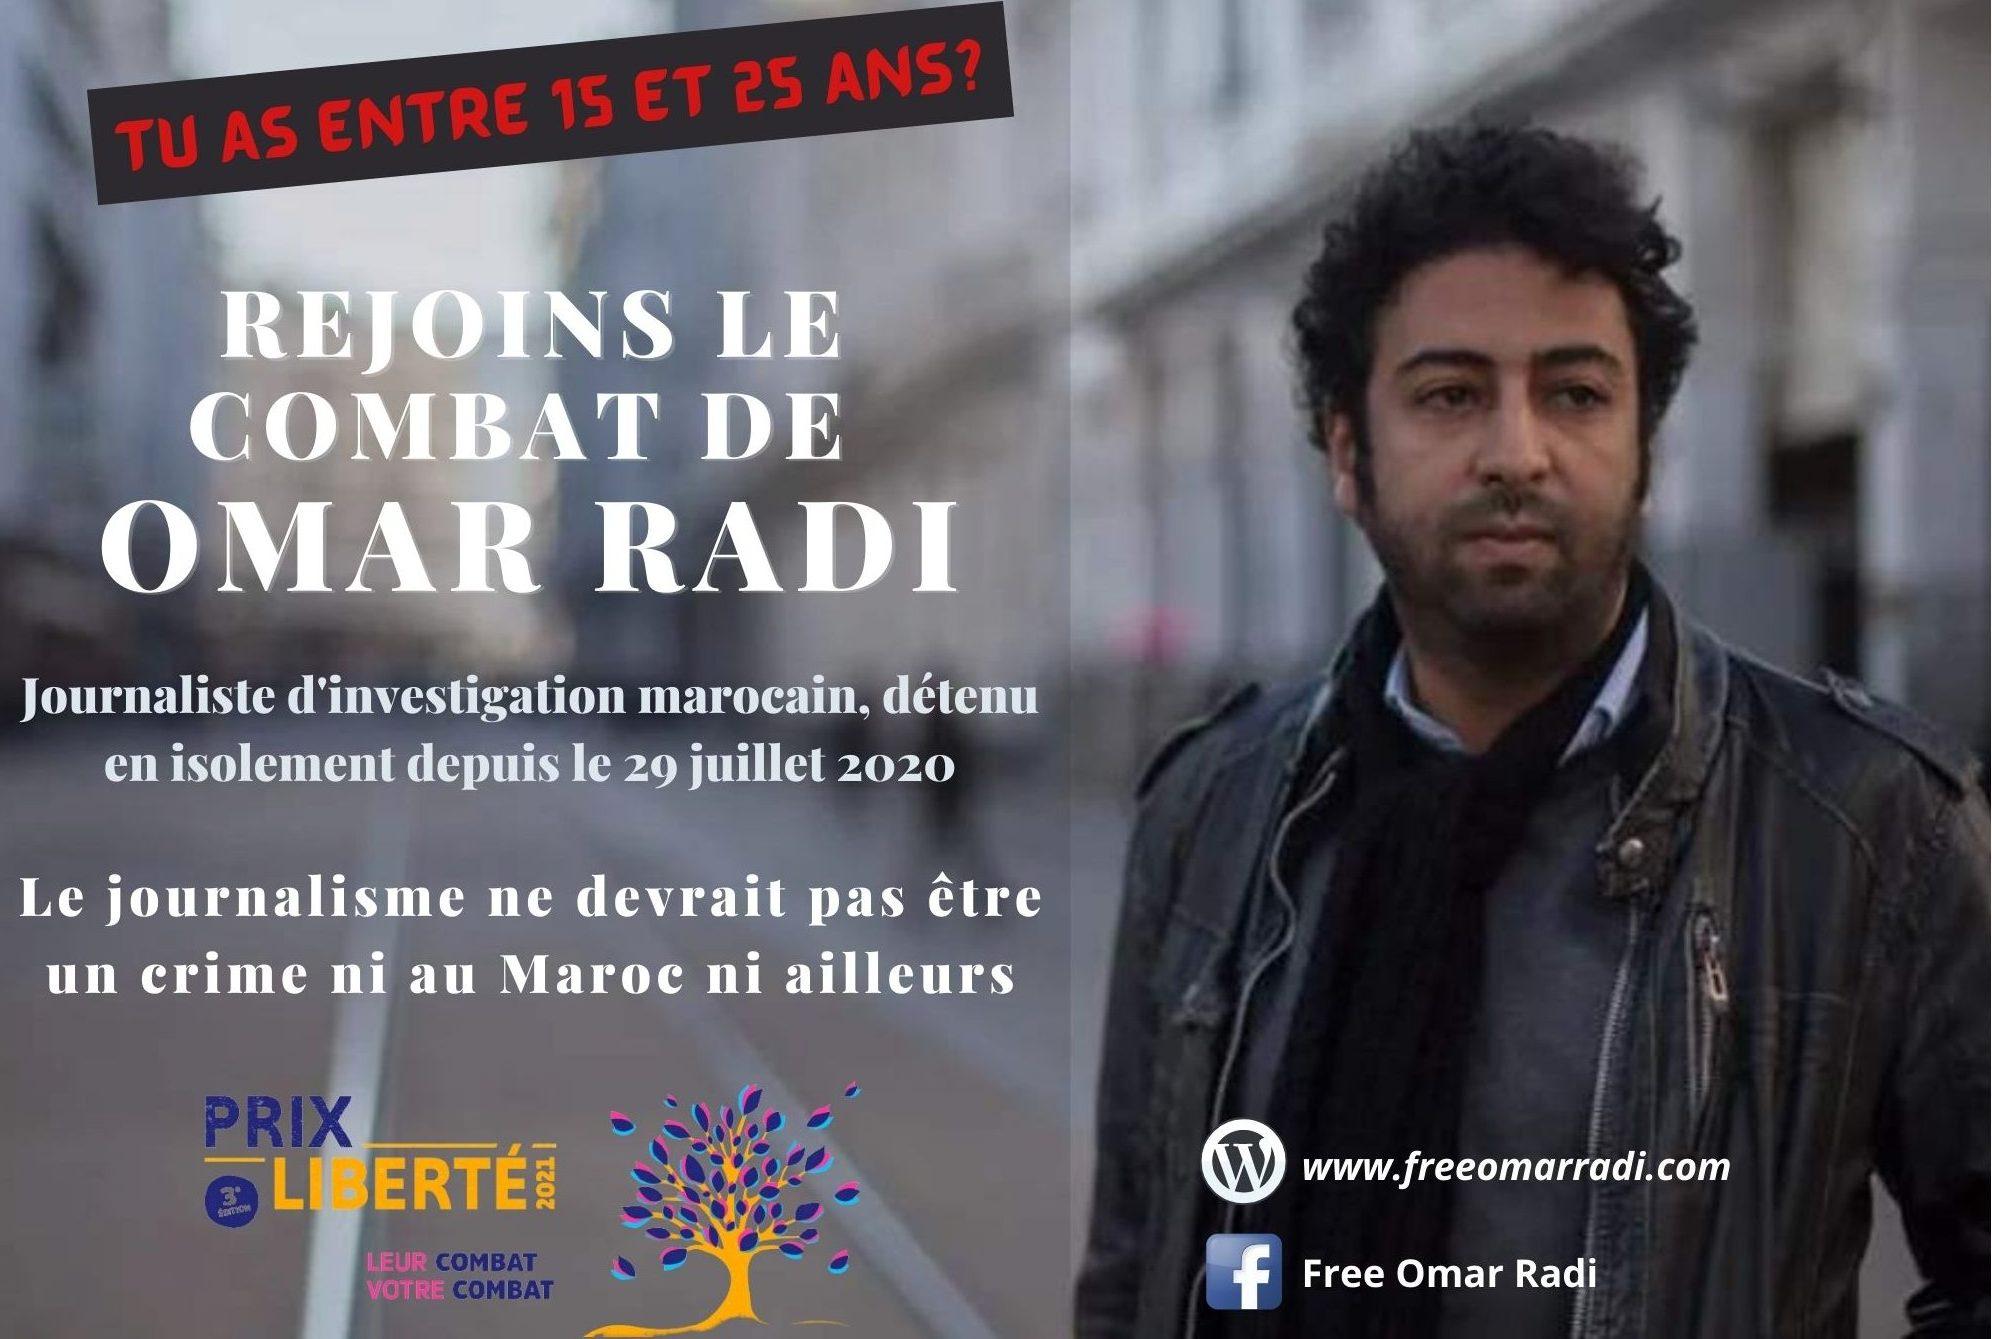 #FreeOmarRadi